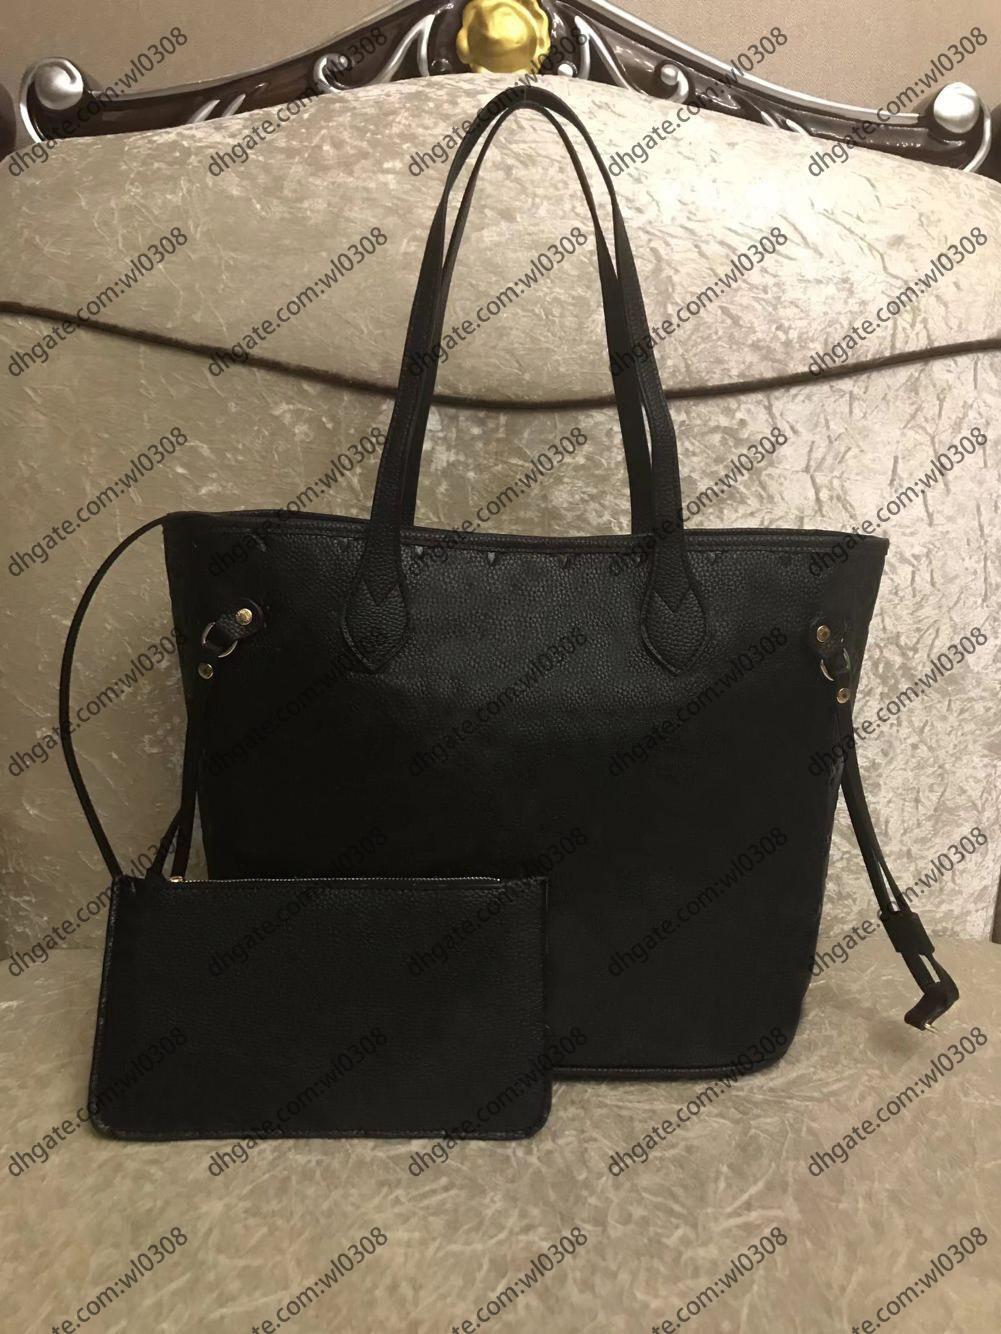 أعلى جودة باريس نمط المصمم الشهير s مصمم حقائب ل زهرة السيدات حقيبة يد الراقية أزياء المرأة مصمم حقائب الكتف المجانية البريد الجوي